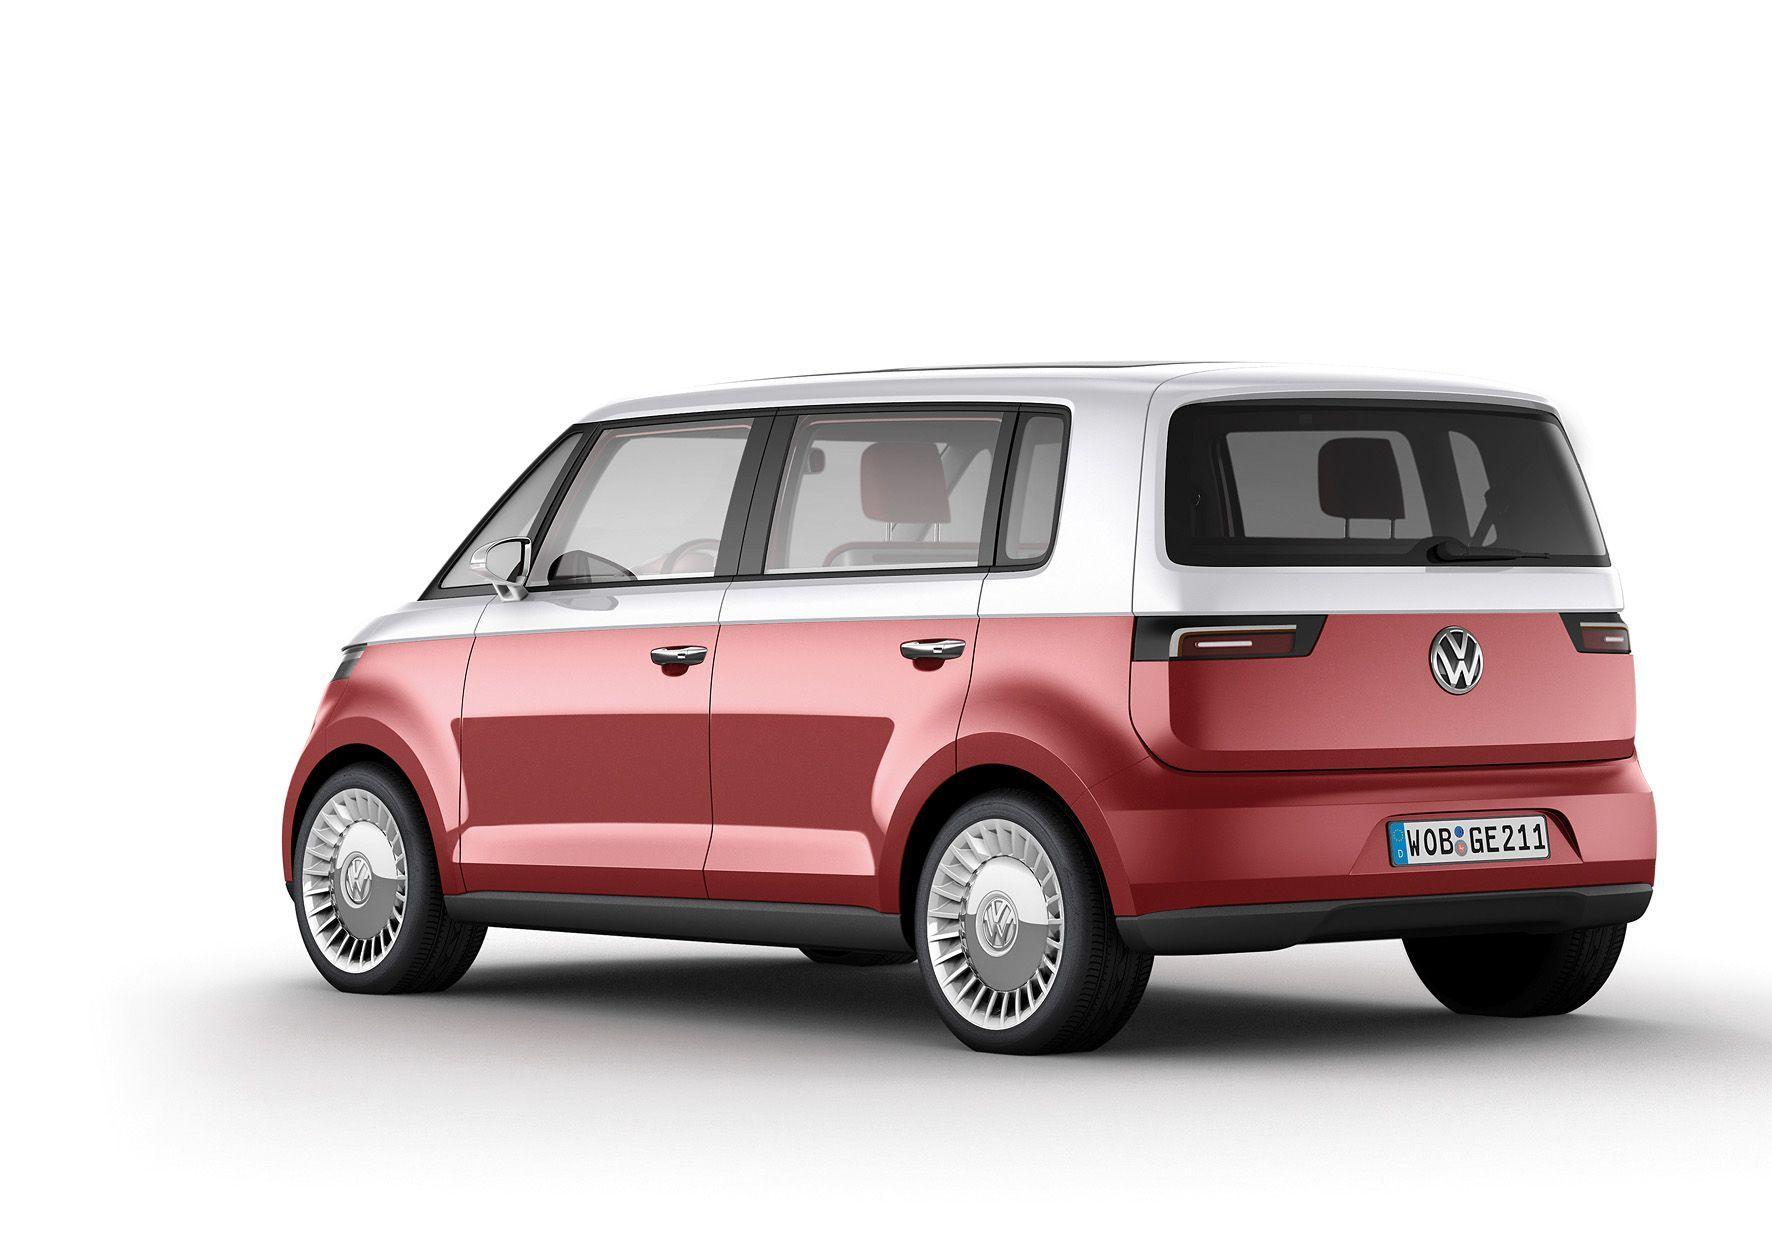 Volkswagen pulmino nuovo: il celebre camper tornerà in versione elettrica